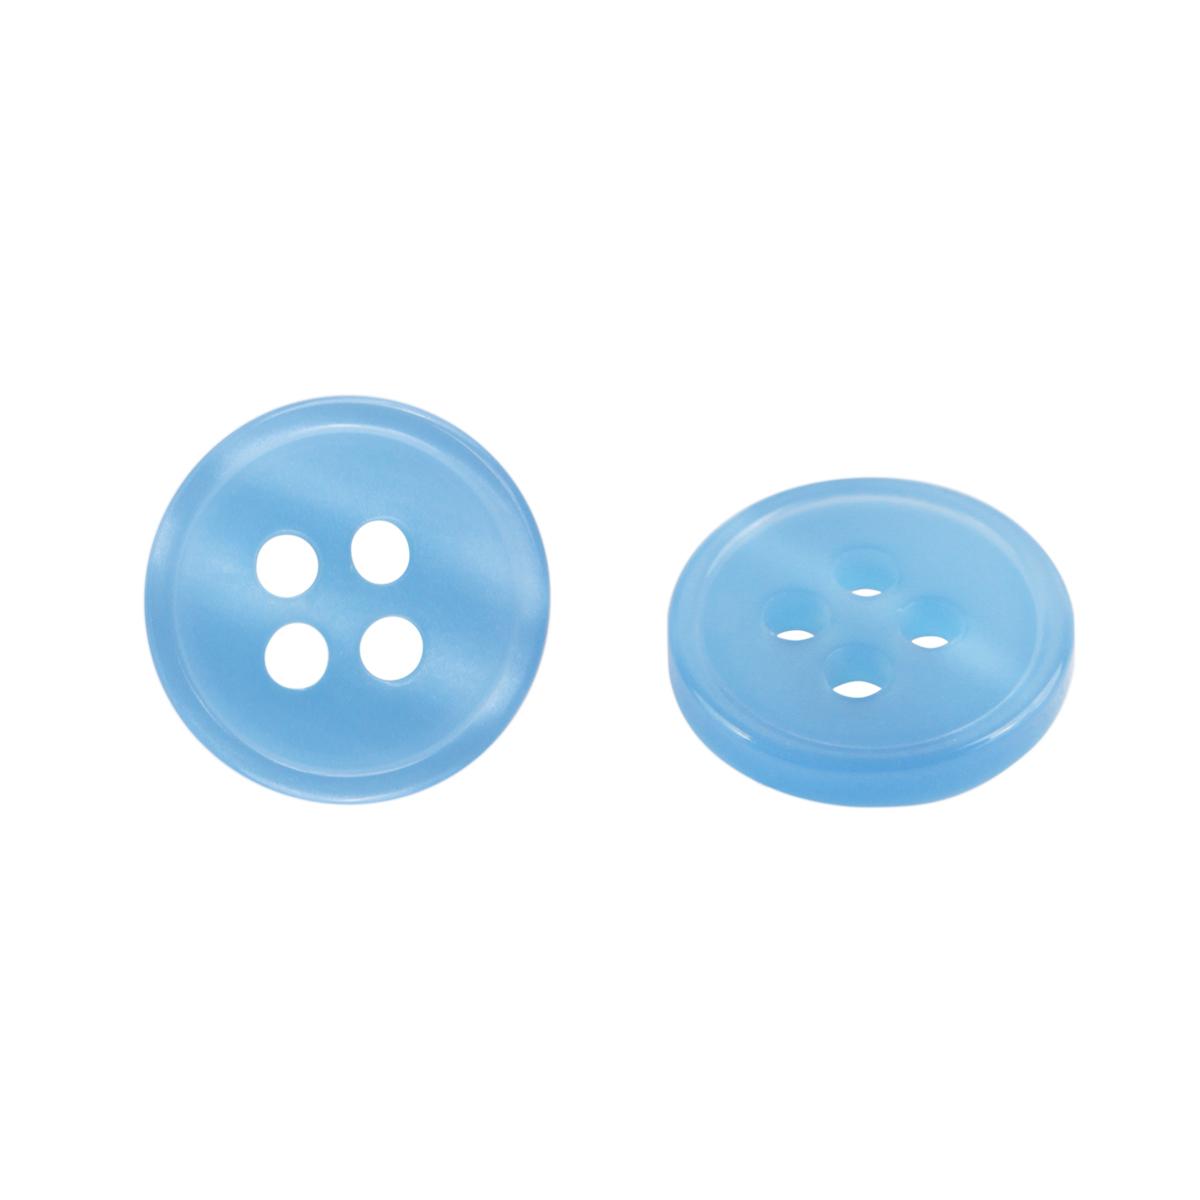 Пуговица на прокол 18L, цв. голубой перламутр, 15 шт/упак